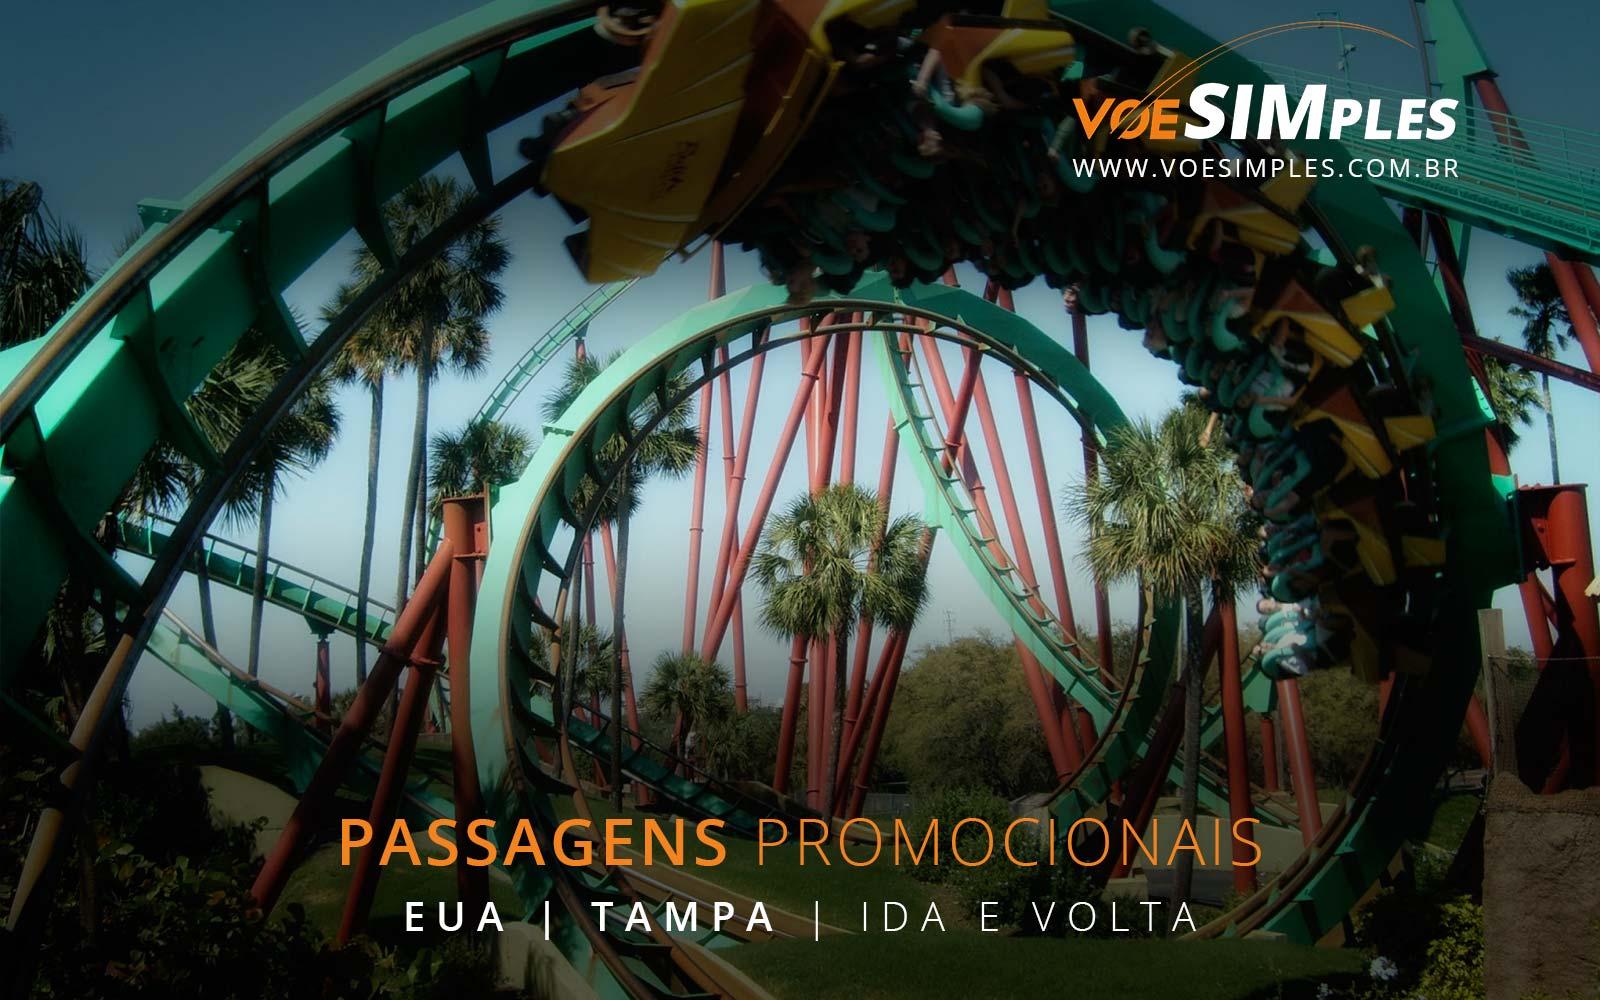 Voos promocionais para Tampa, Orlando nos Estados Unidos